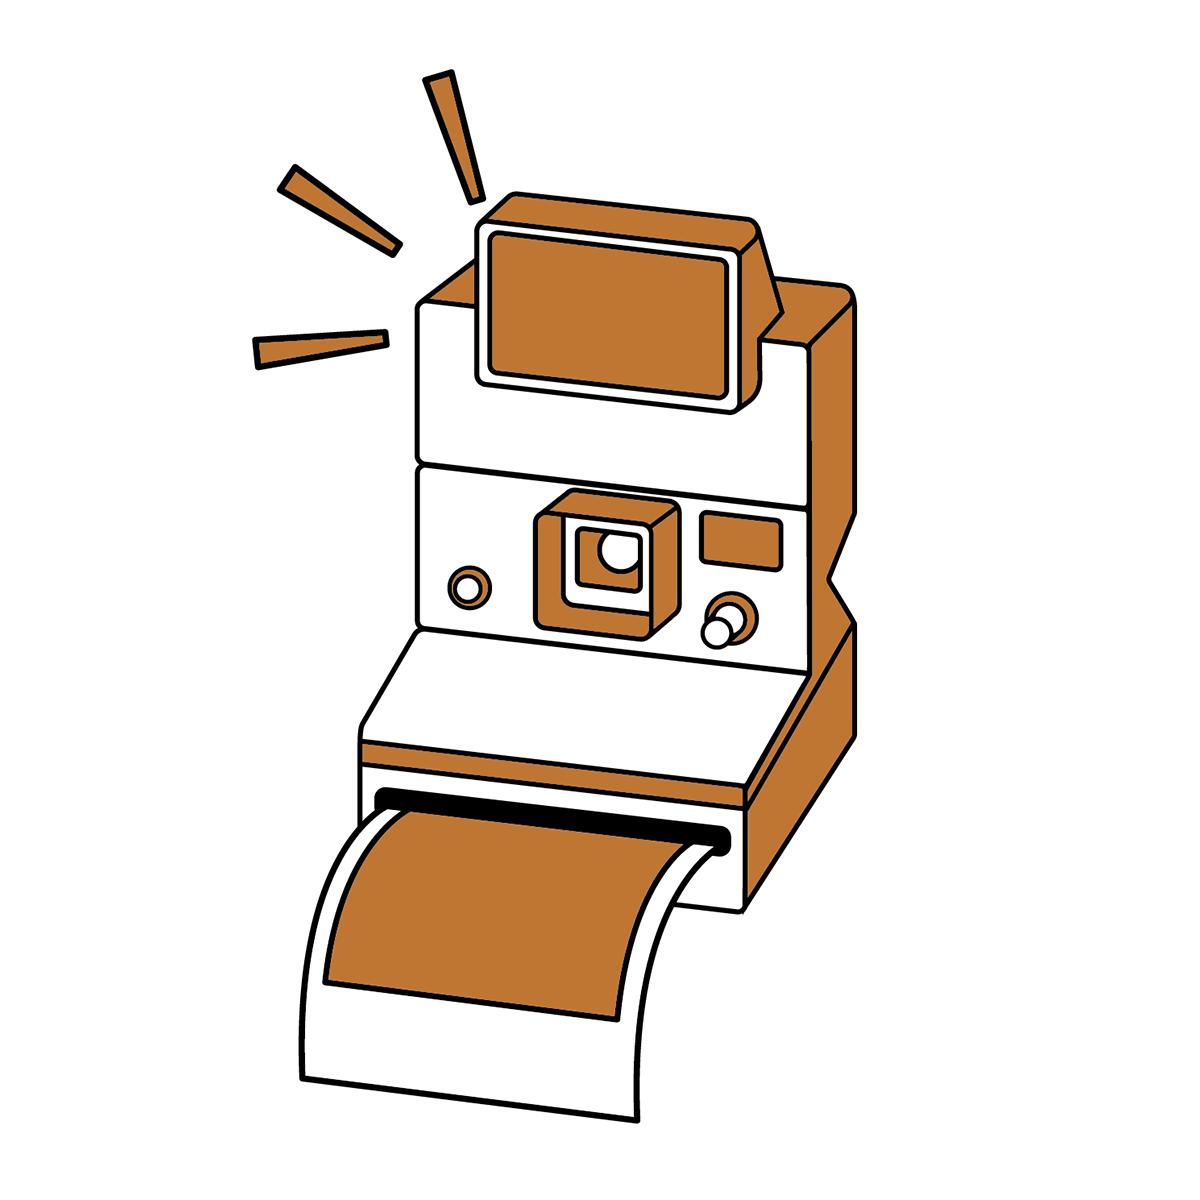 RPTL - Vinkeljern for modellbygging